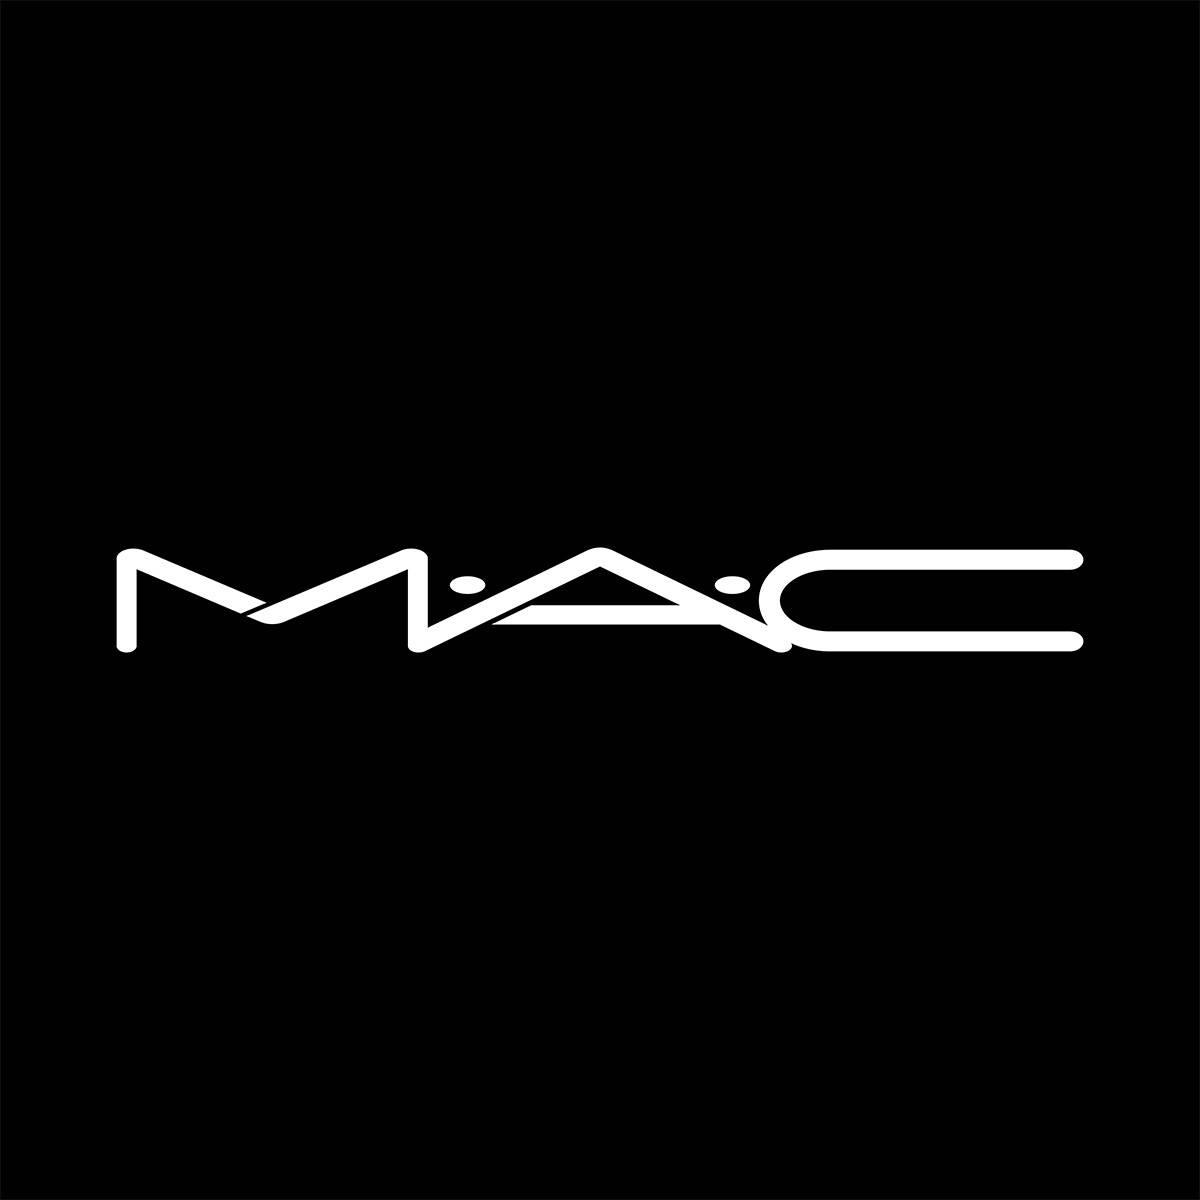 [Review] Son MAC Chili là màu gì? Có thật sự đẹp?